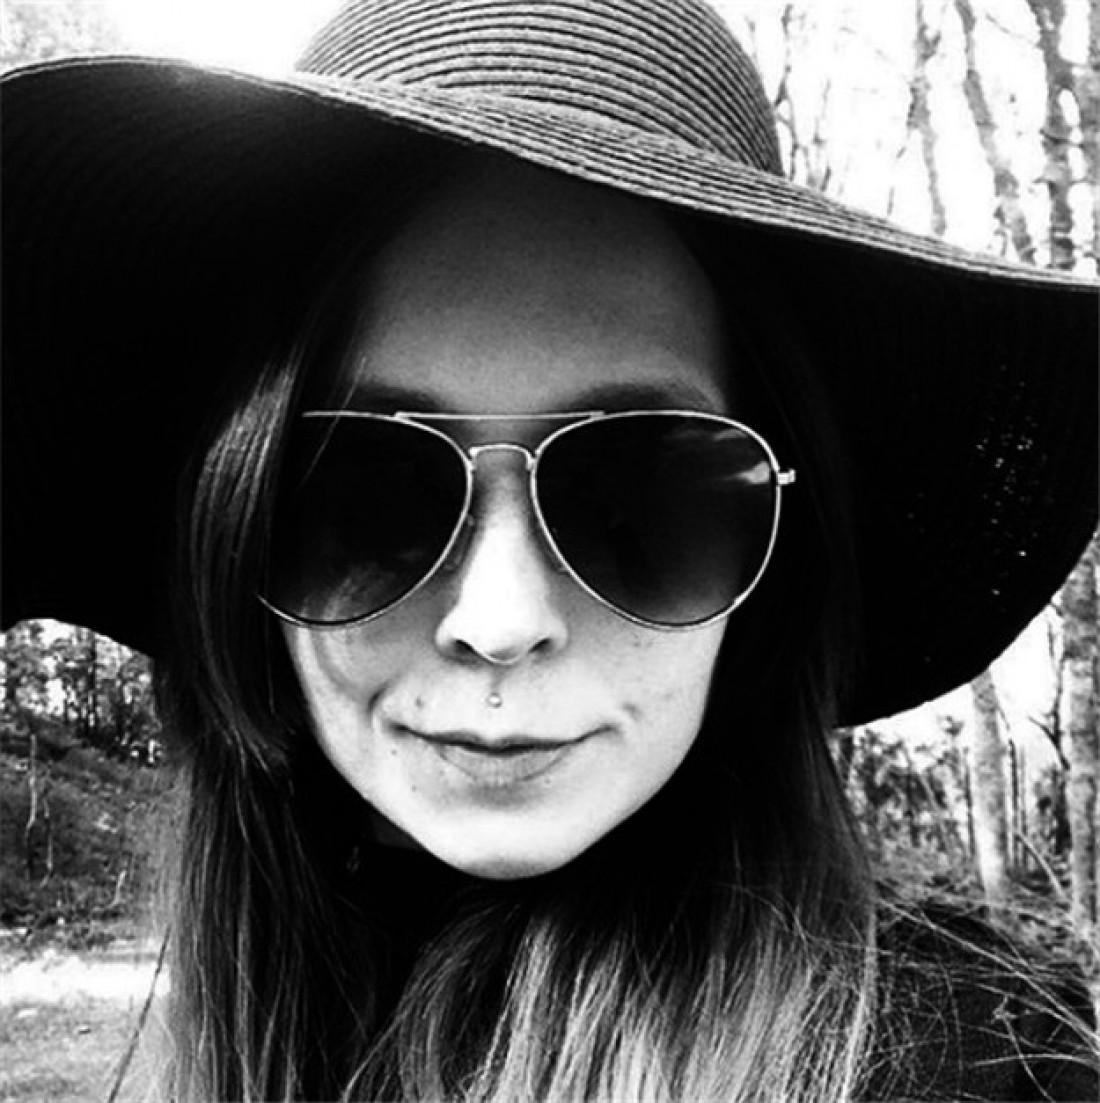 Немытая голова — значит прикрыть ее шляпой